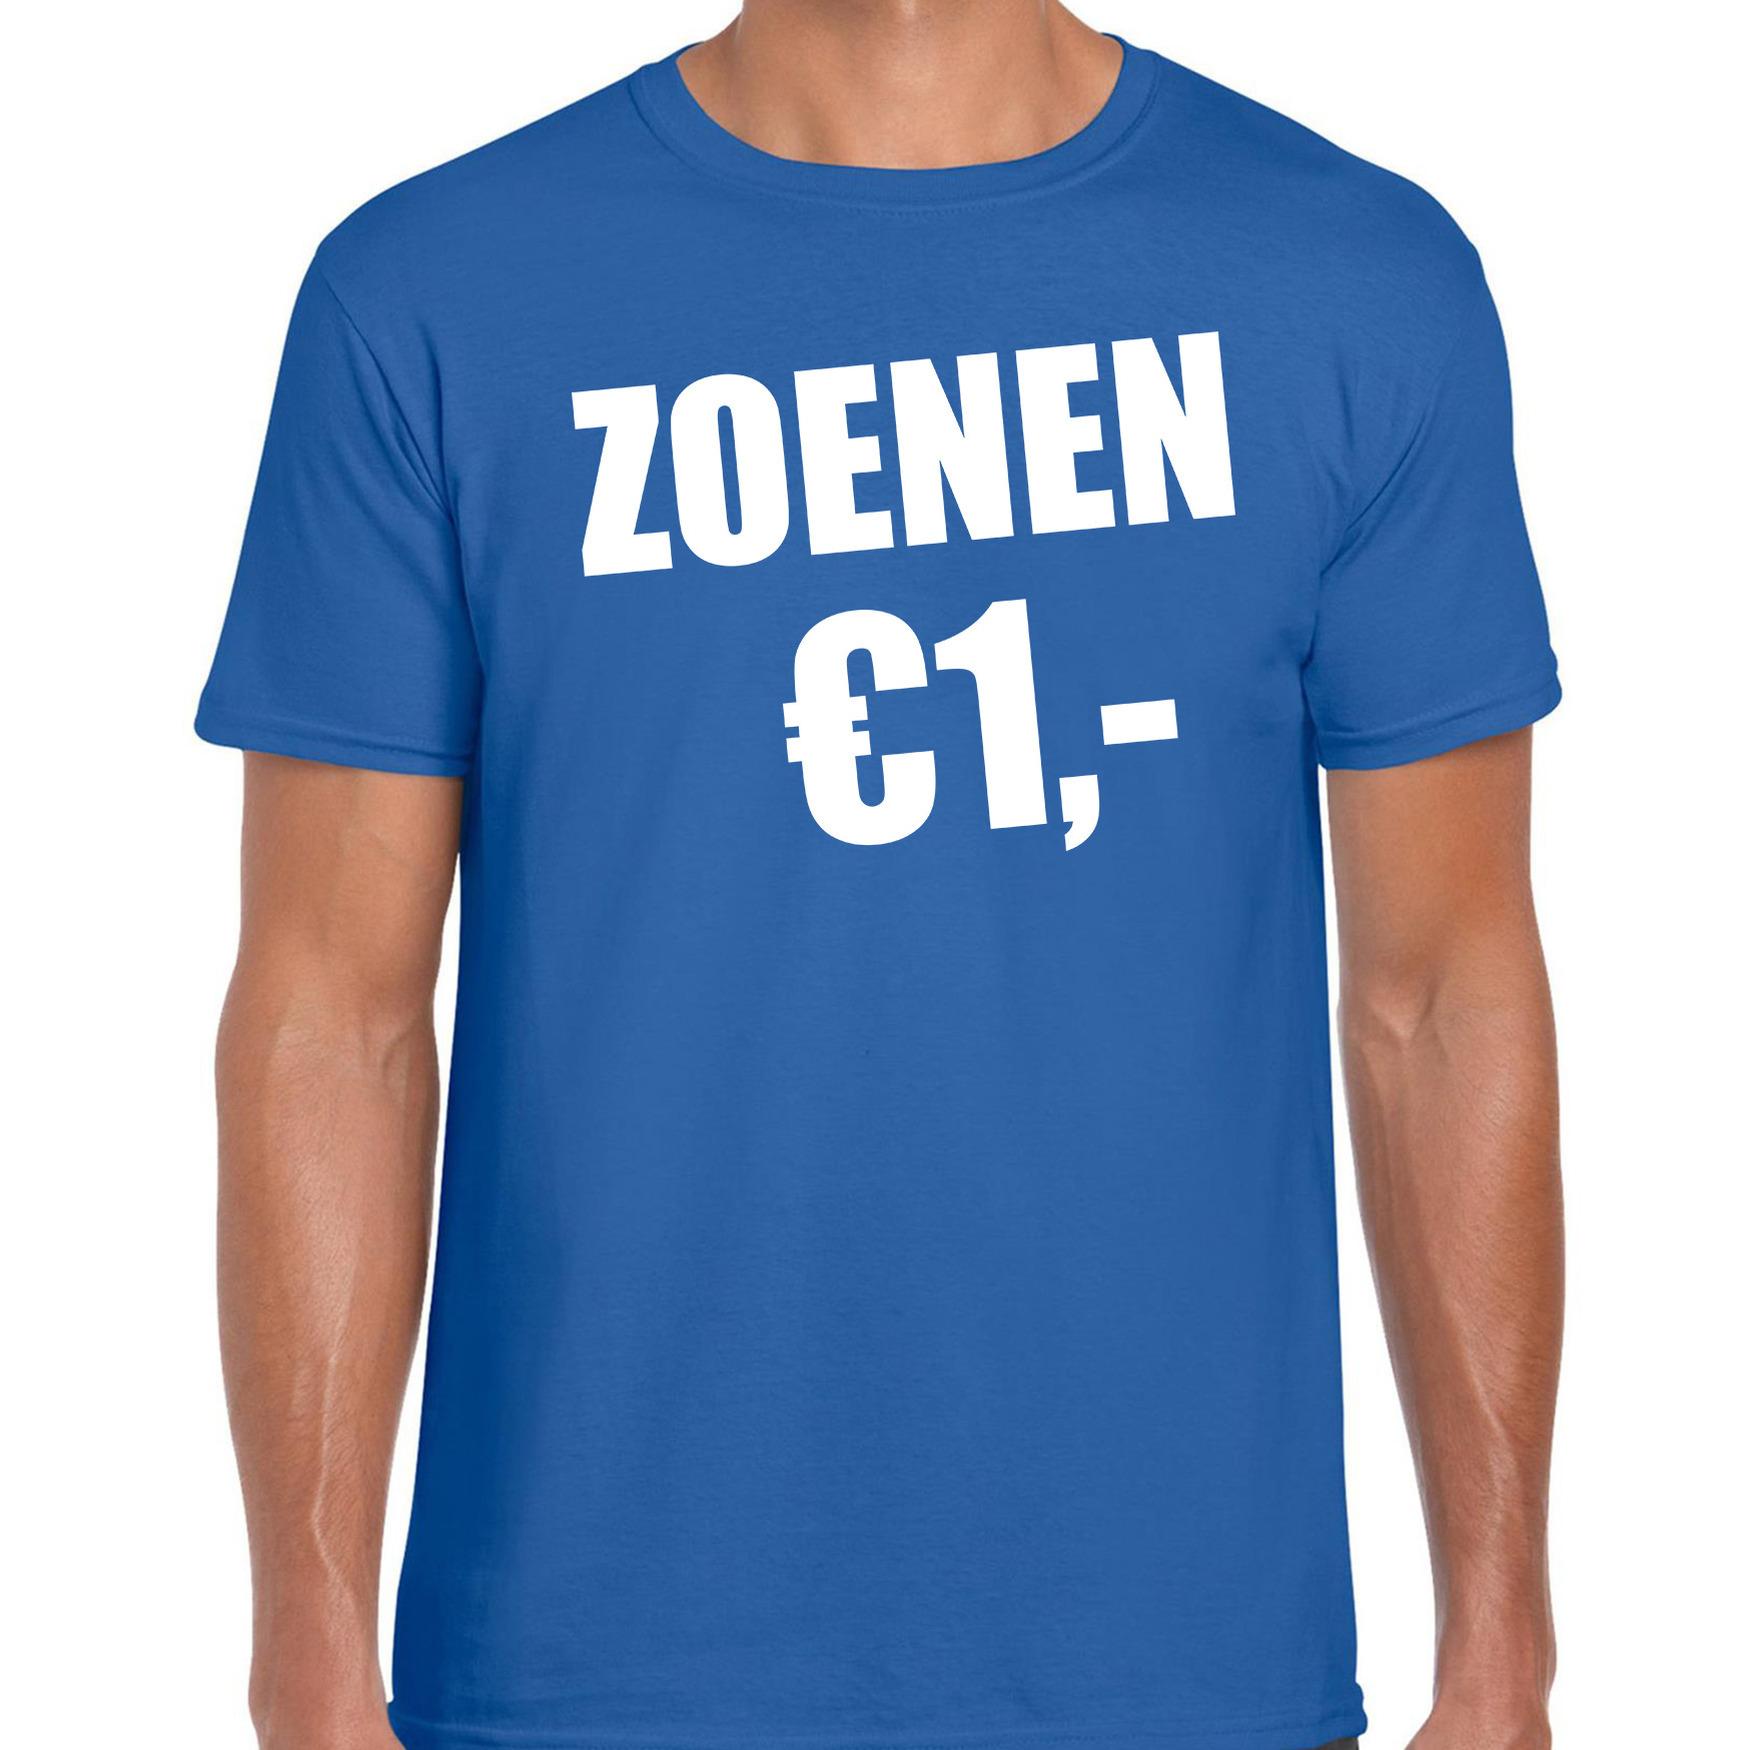 Fun t-shirt zoenen 1 euro blauw voor heren S -